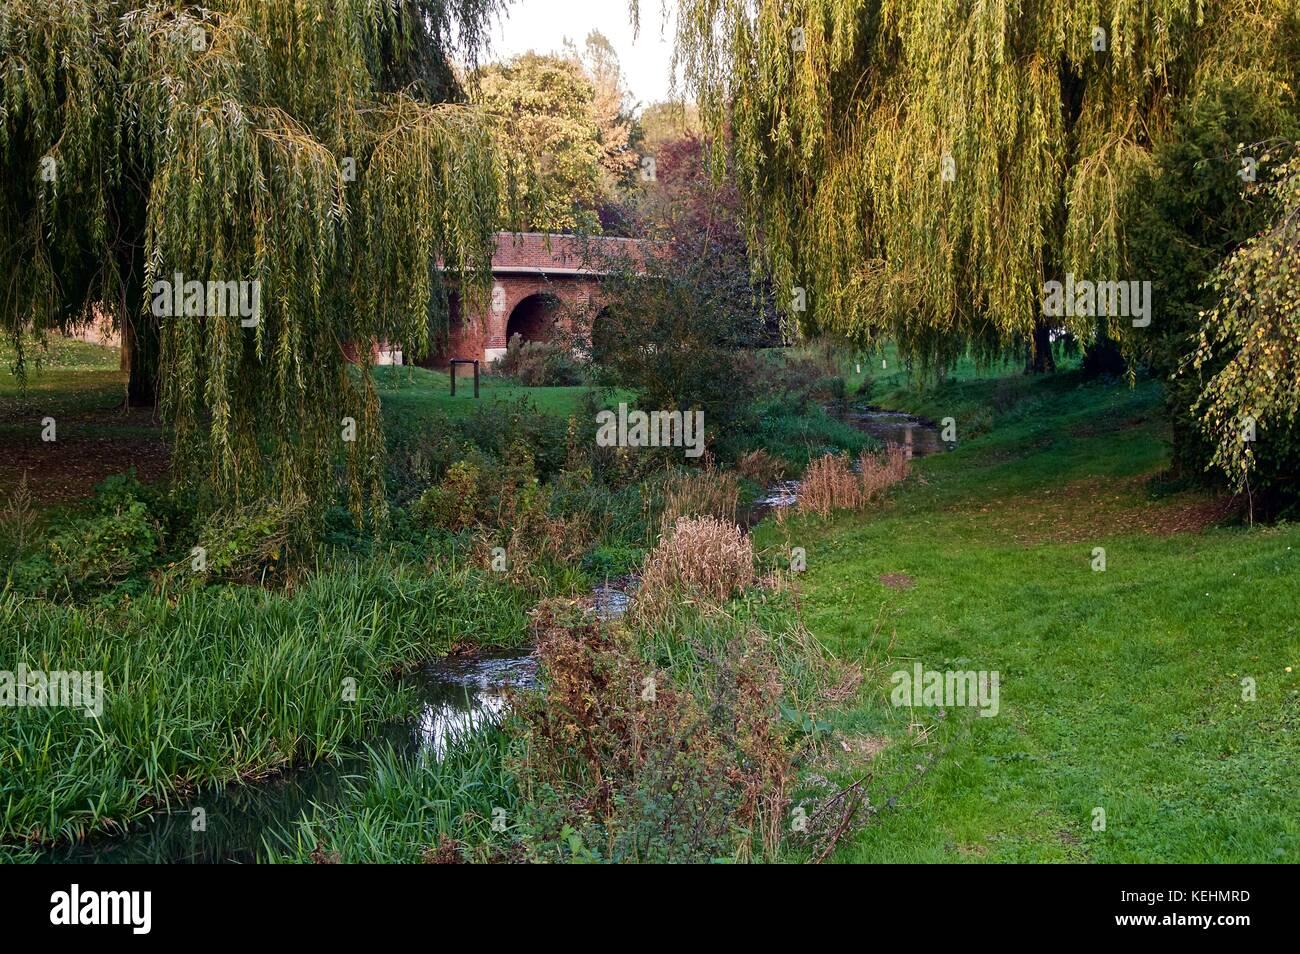 Barnet Road Bridge over River Colne near Green Dragon pub - Stock Image